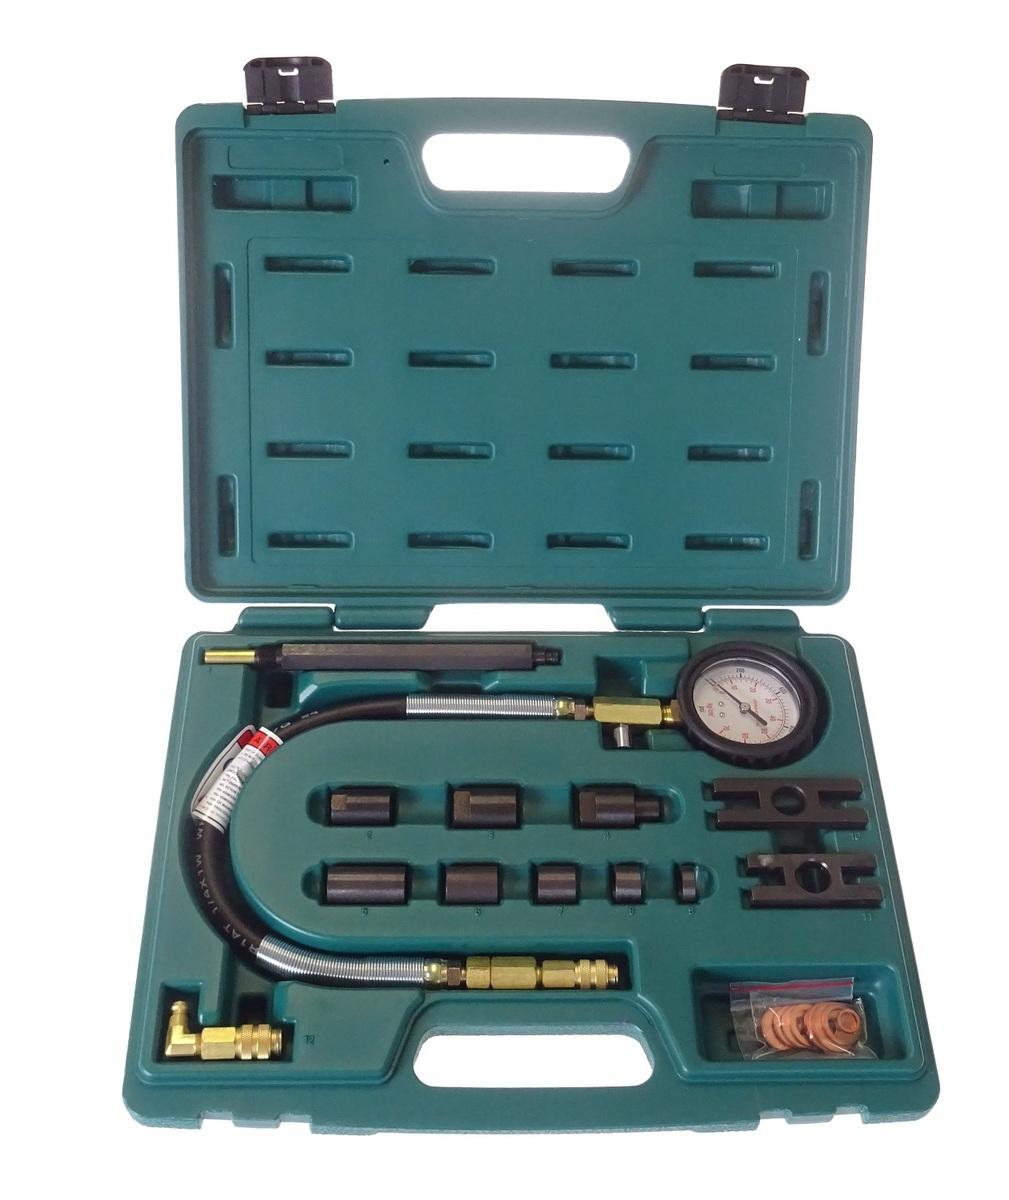 Kompresiometr - tester komprese diesel, nákladní vozy - JONNESWAY AI020053